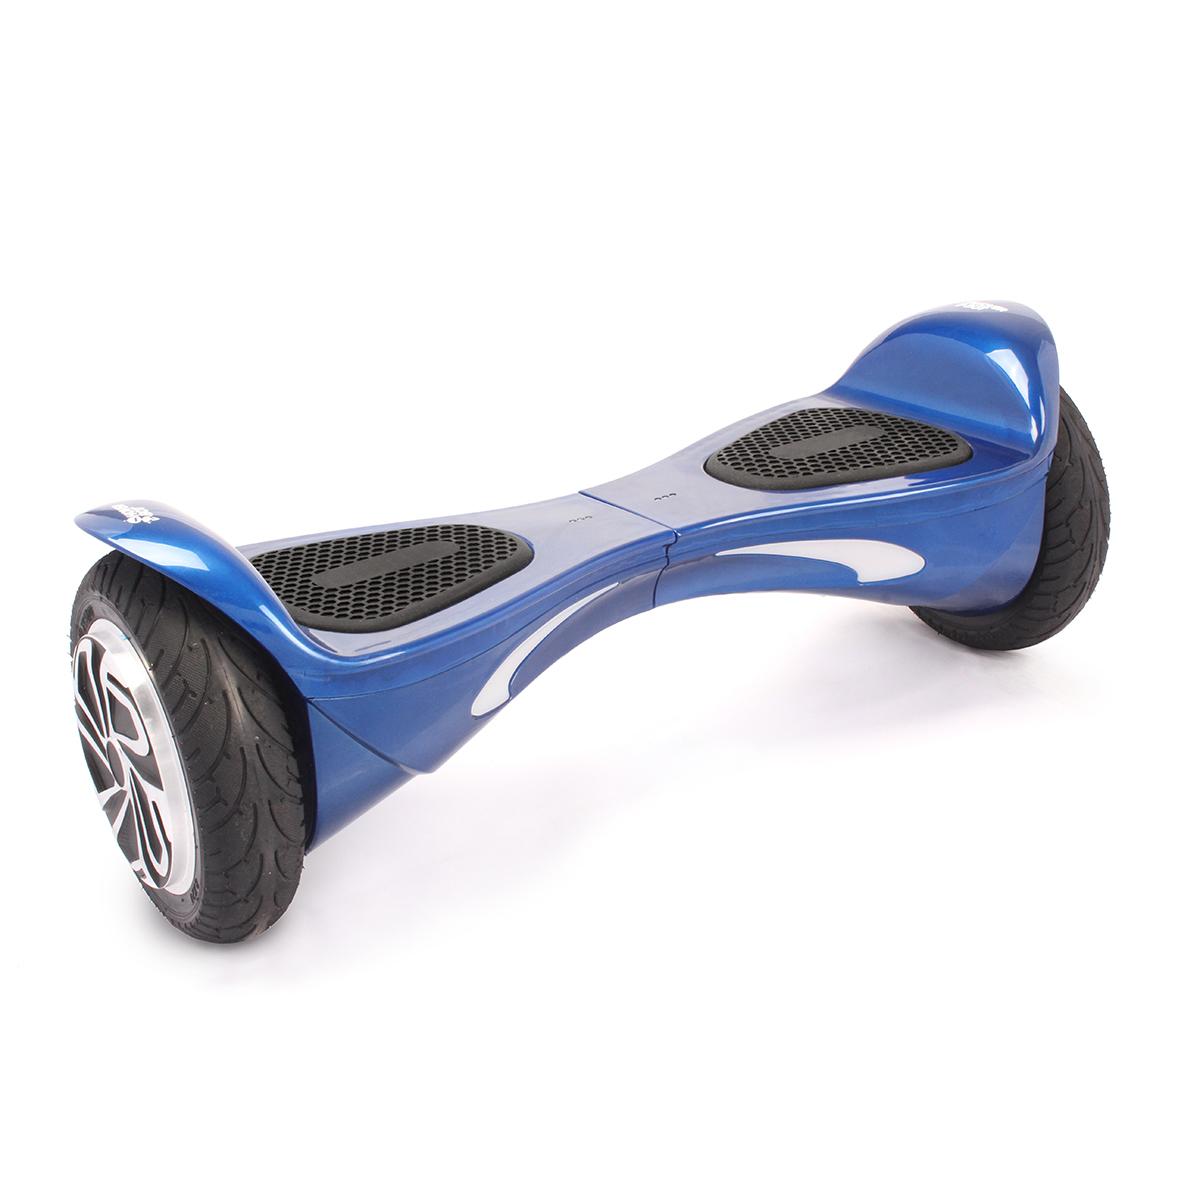 """Гироскутер Hoverbot B-2 (A-9), цвет: синийGB2BEГироскутер Hoverbot B-2 имеет высокий клиренс и спортивный корпус – он выглядит очень эргономично и современно. Не смотря на высокую посадку, гироборд уверенно стоит на широких 8"""" колёсах, которые отлично справляются со своей задачей – уверенно держать дорогу на высокой скорости. Он не только быстро разгоняется, но и хорошо оттормаживается, не зависимо от веса пользователя или дорожных условий. Очень резвая модель B-2 моментально откликается на изменение в управлении и быстро подстраивается под индивидуальные запросы райдера. Покупая гироборд Hoverbot B-2 вы приобретаете не только отличное средство передвижение, но также незаменимого и верного спутника, который скрасит ваше времяпрепровождение отличной музыкой через встроенные динамики в корпусе борда. Музыка передаётся через Bluetooth устройство на любом из ваших гаджетов. Данная модель подойдёт опытным пользователям. В комплект входит зарядное устройство. Технические характеристики. Цвета: black, blue, red. Возможная дистанция: 15..."""